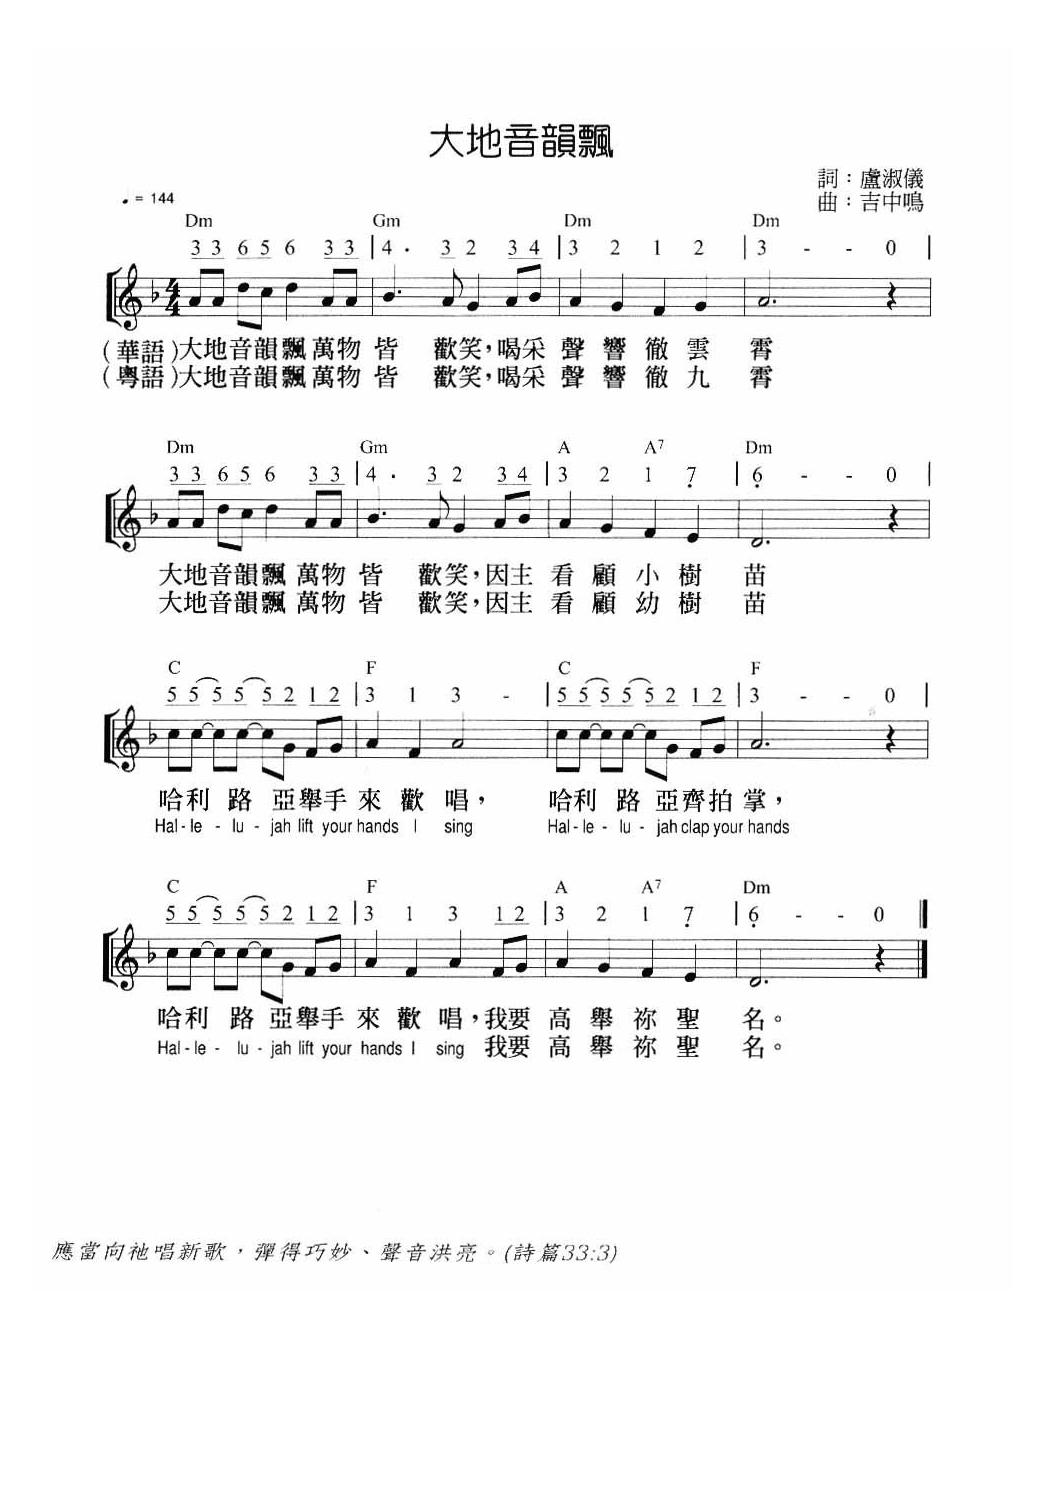 《大地音韵飘 华语/粤语 官方谱》